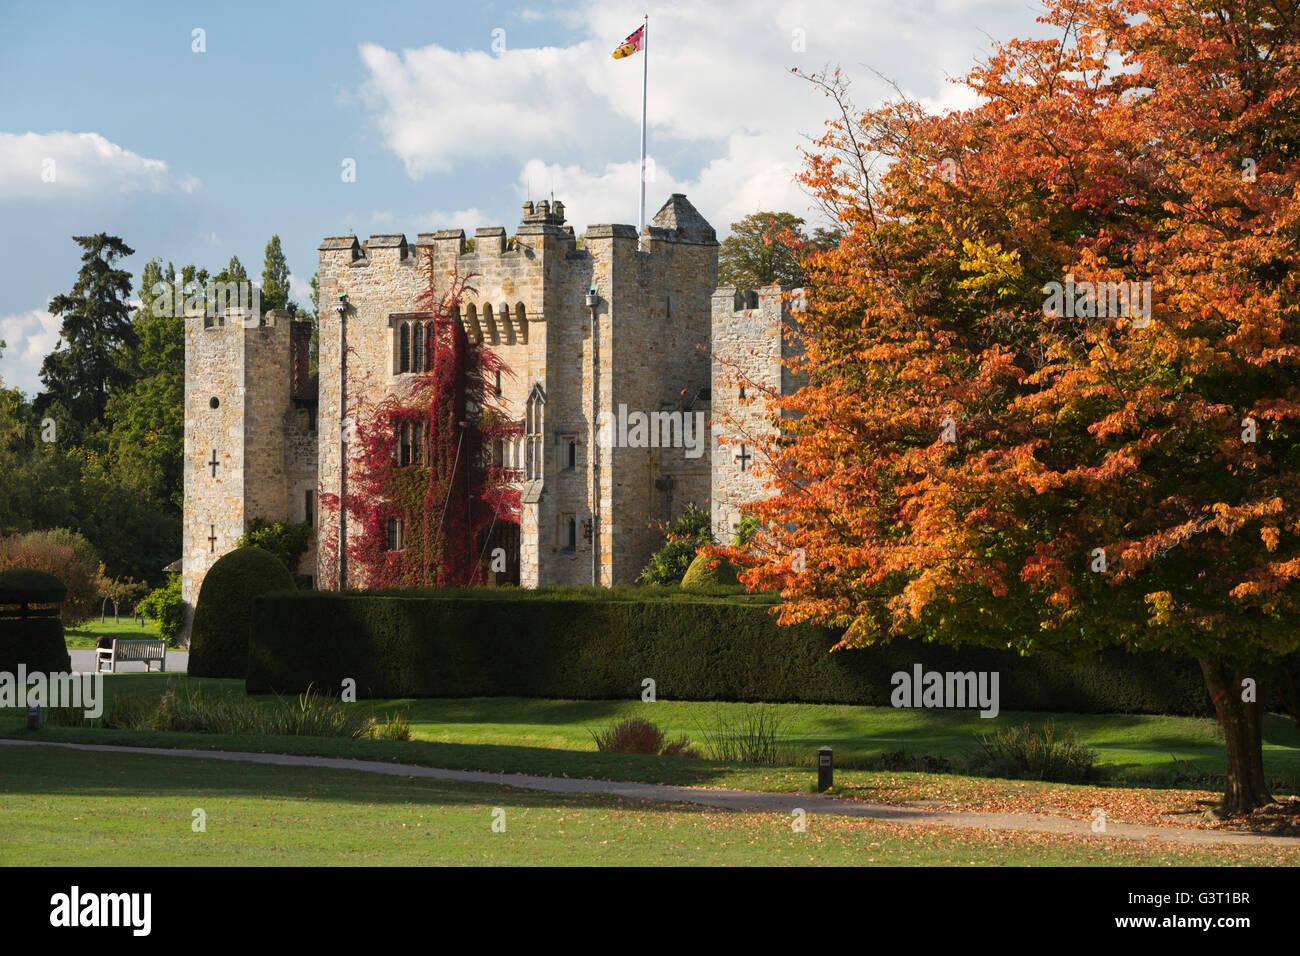 Hever Castle und Gärten, Hever, Kent, England, Vereinigtes Königreich, Europa Stockbild